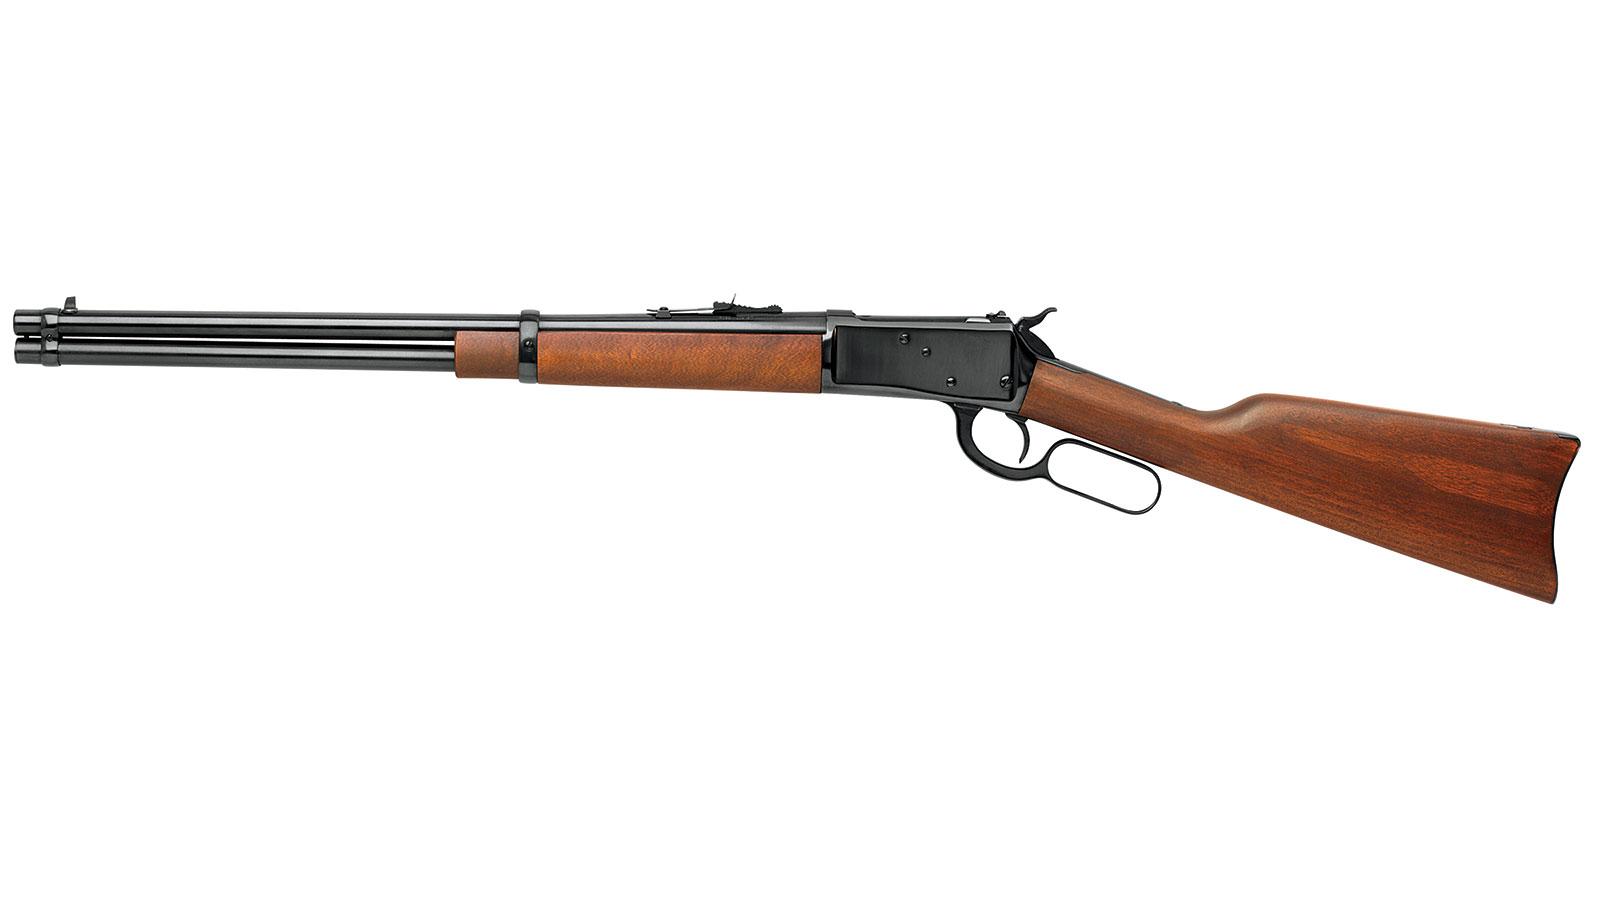 Rossi 920452013 R92 Lever Action Carbine Lever 45 Colt (LC) 20 10+1 Brazillian Hardwood Stk Polished Black in.